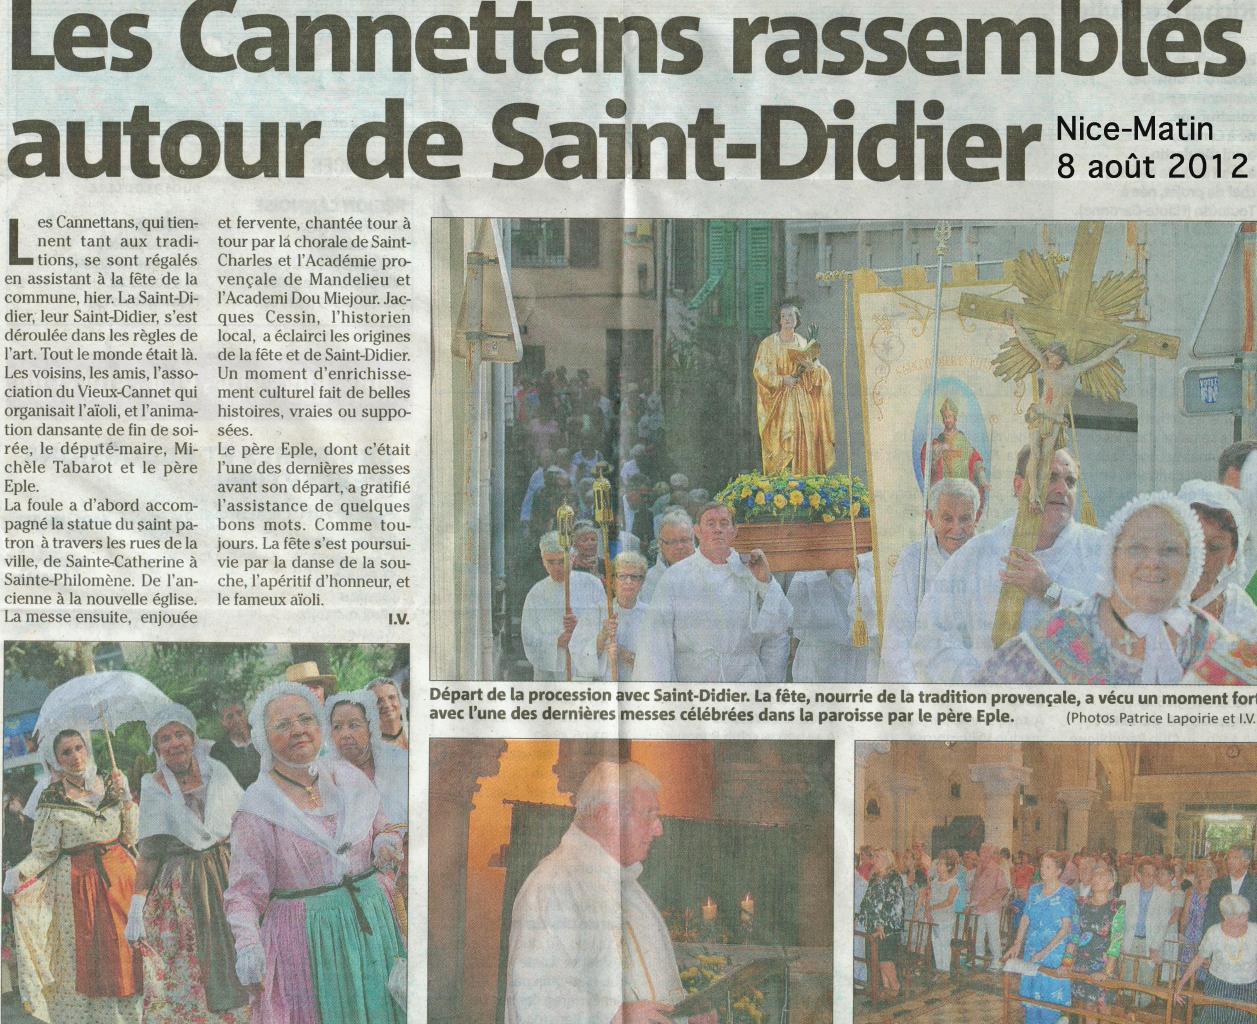 Le Cannet aout 2012